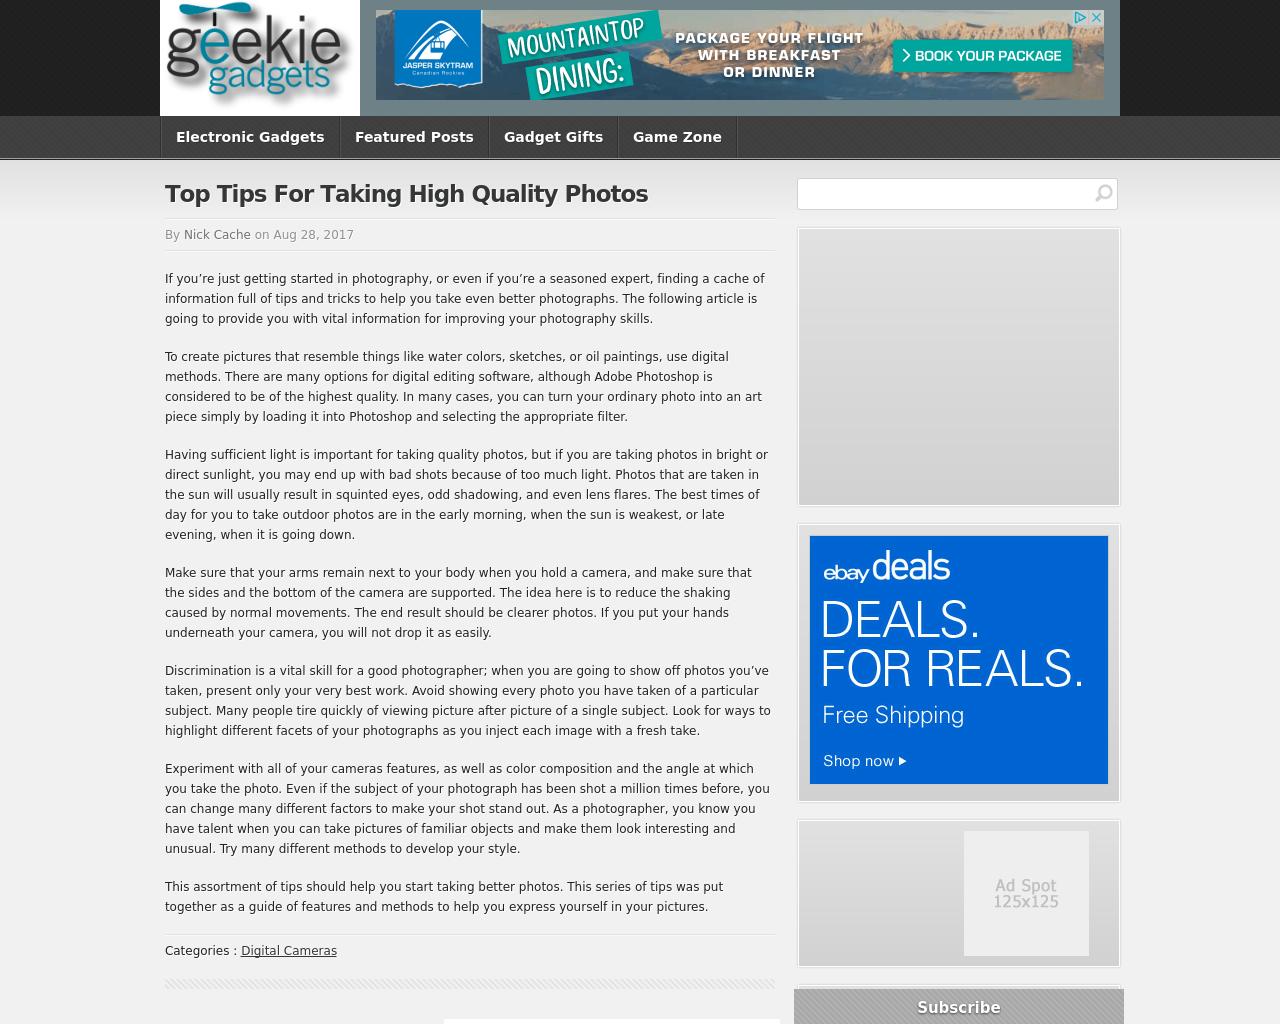 Geekie-Gadgets-Advertising-Reviews-Pricing